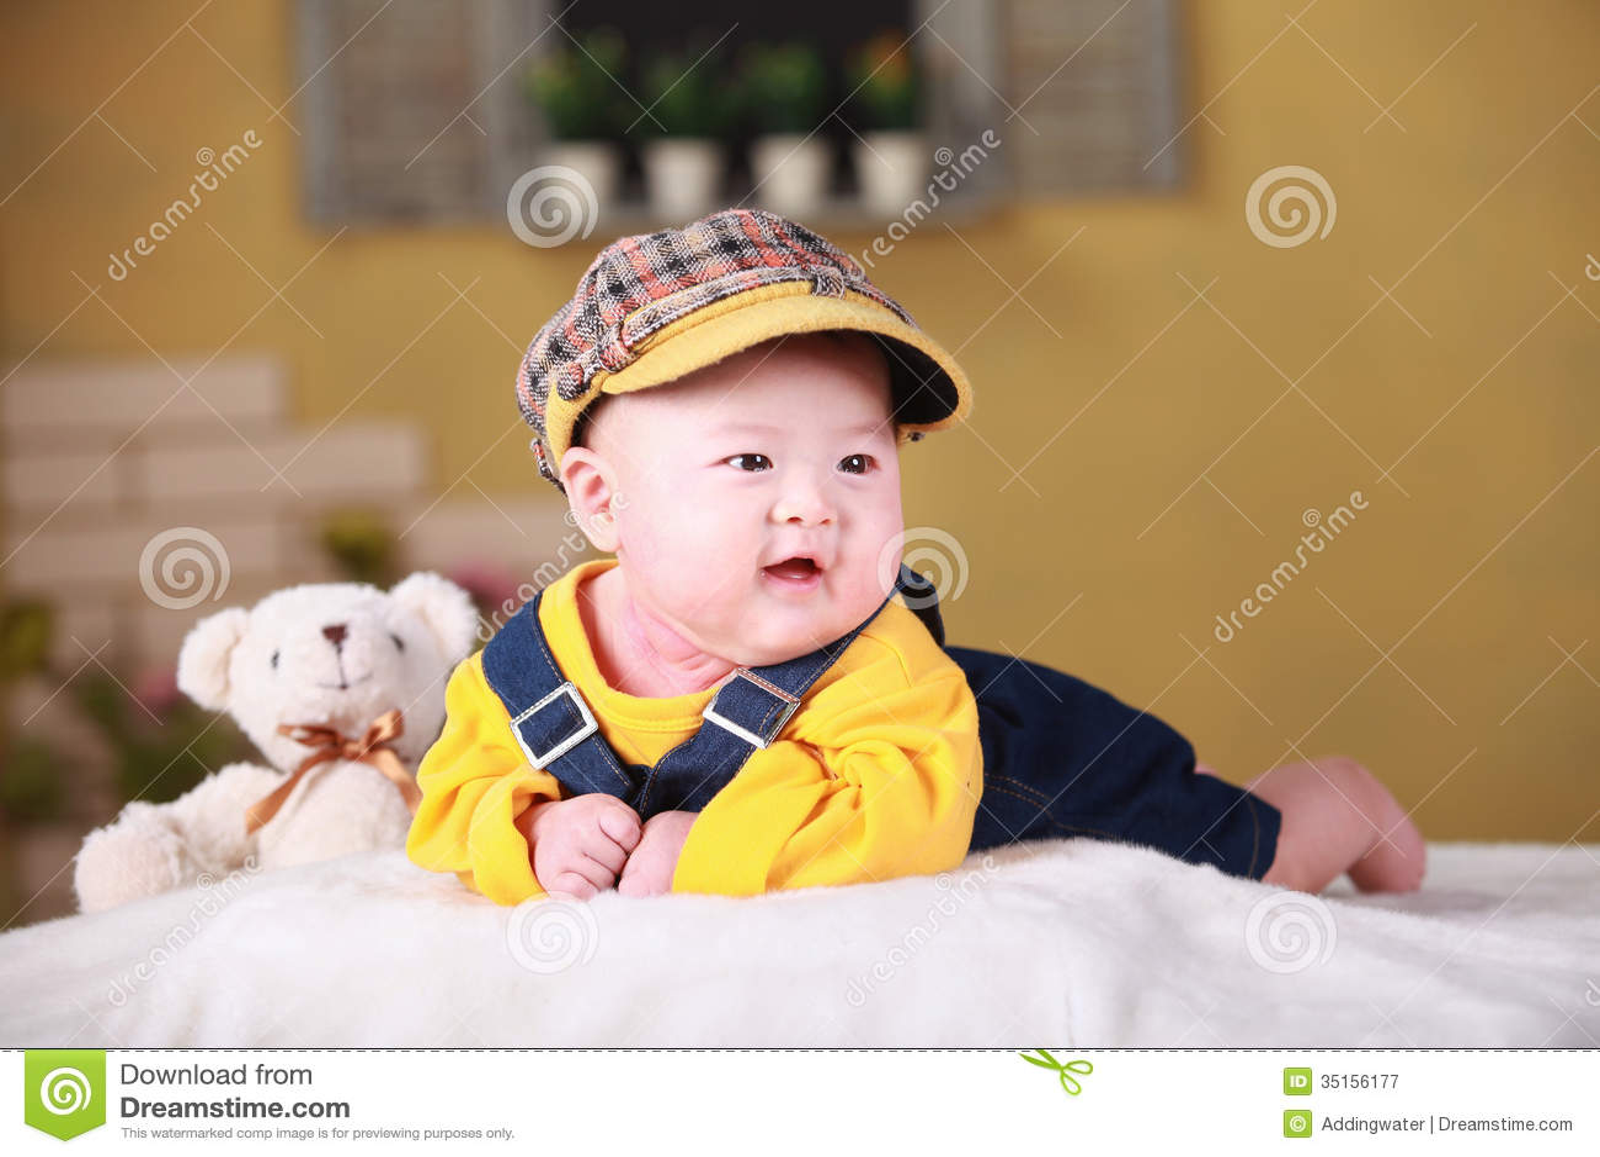 Vieux Bébé Asiatique De Trois Mois Mignon Heureux Image Stock